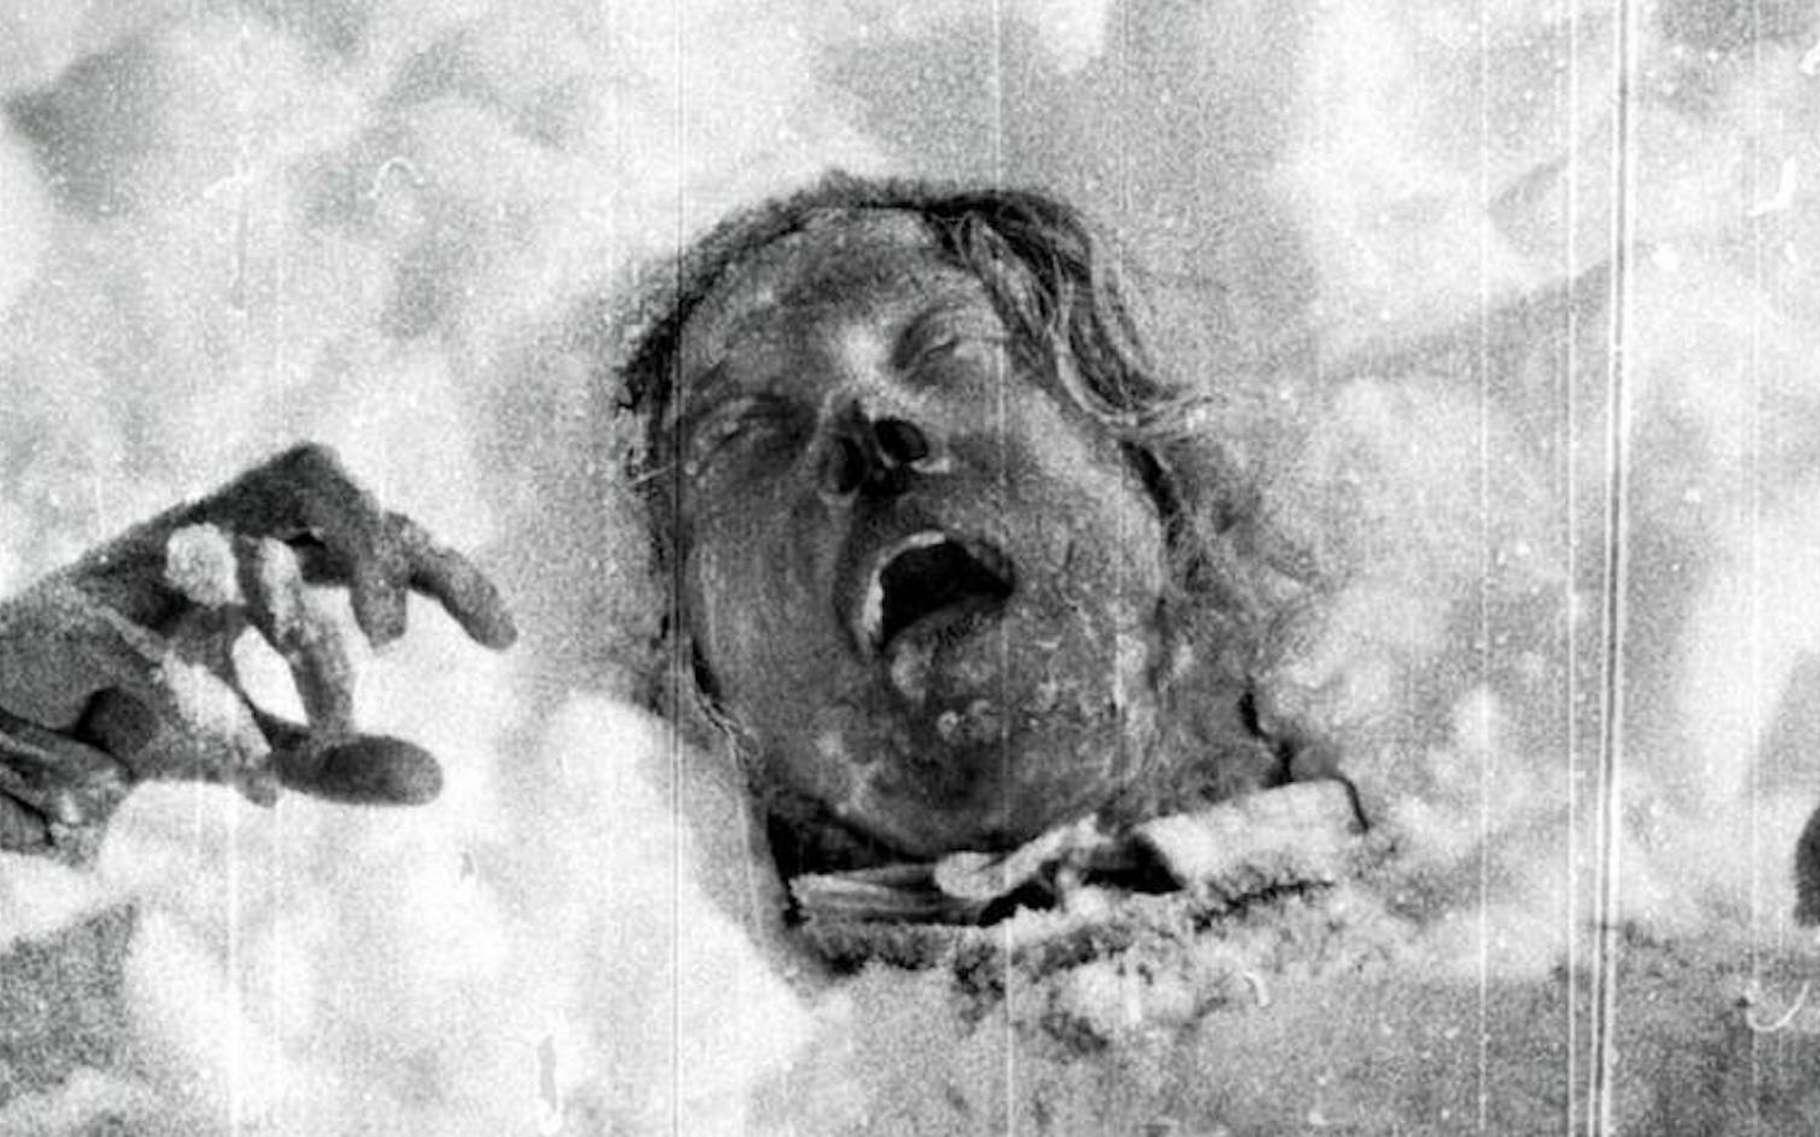 Des chercheurs de l'École polytechnique fédérale de Zurich et de celle de Lausanne montrent que l'hypothèse d'une avalanche pourrait expliquer le drame survenu en 1959 dans l'Oural (Russie) et qui a coûté la mort à neuf randonneurs expérimentés. Ils ne seraient probablement pas morts dans l'avalanche, mais un peu plus tard, des suites de leurs blessures ou d'hypothermie. © Archives russes, Domaine public